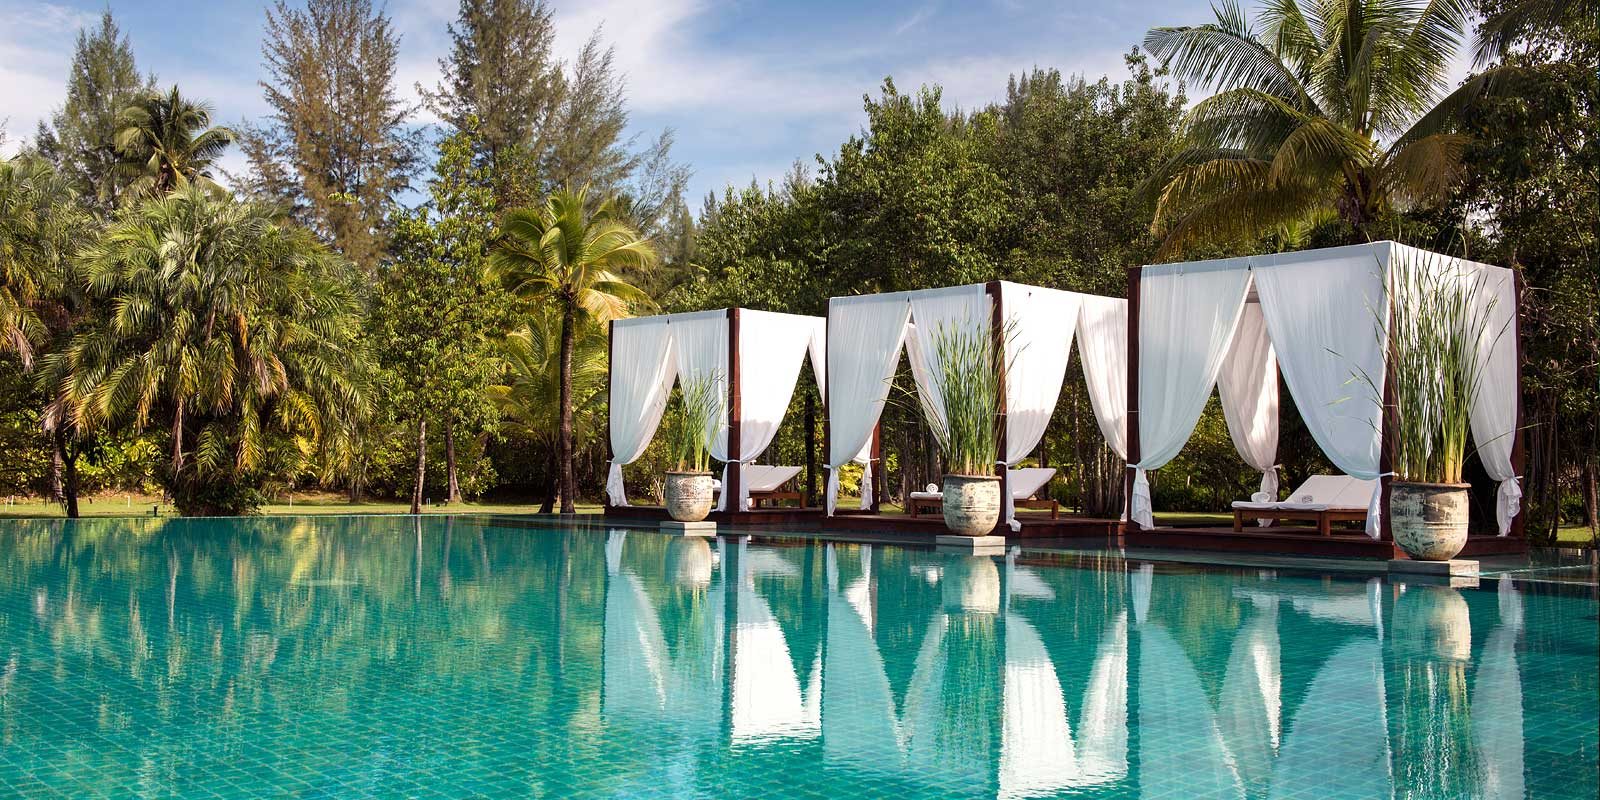 Osvěžte se pohledem na 5 nejoriginálnějších bazénů